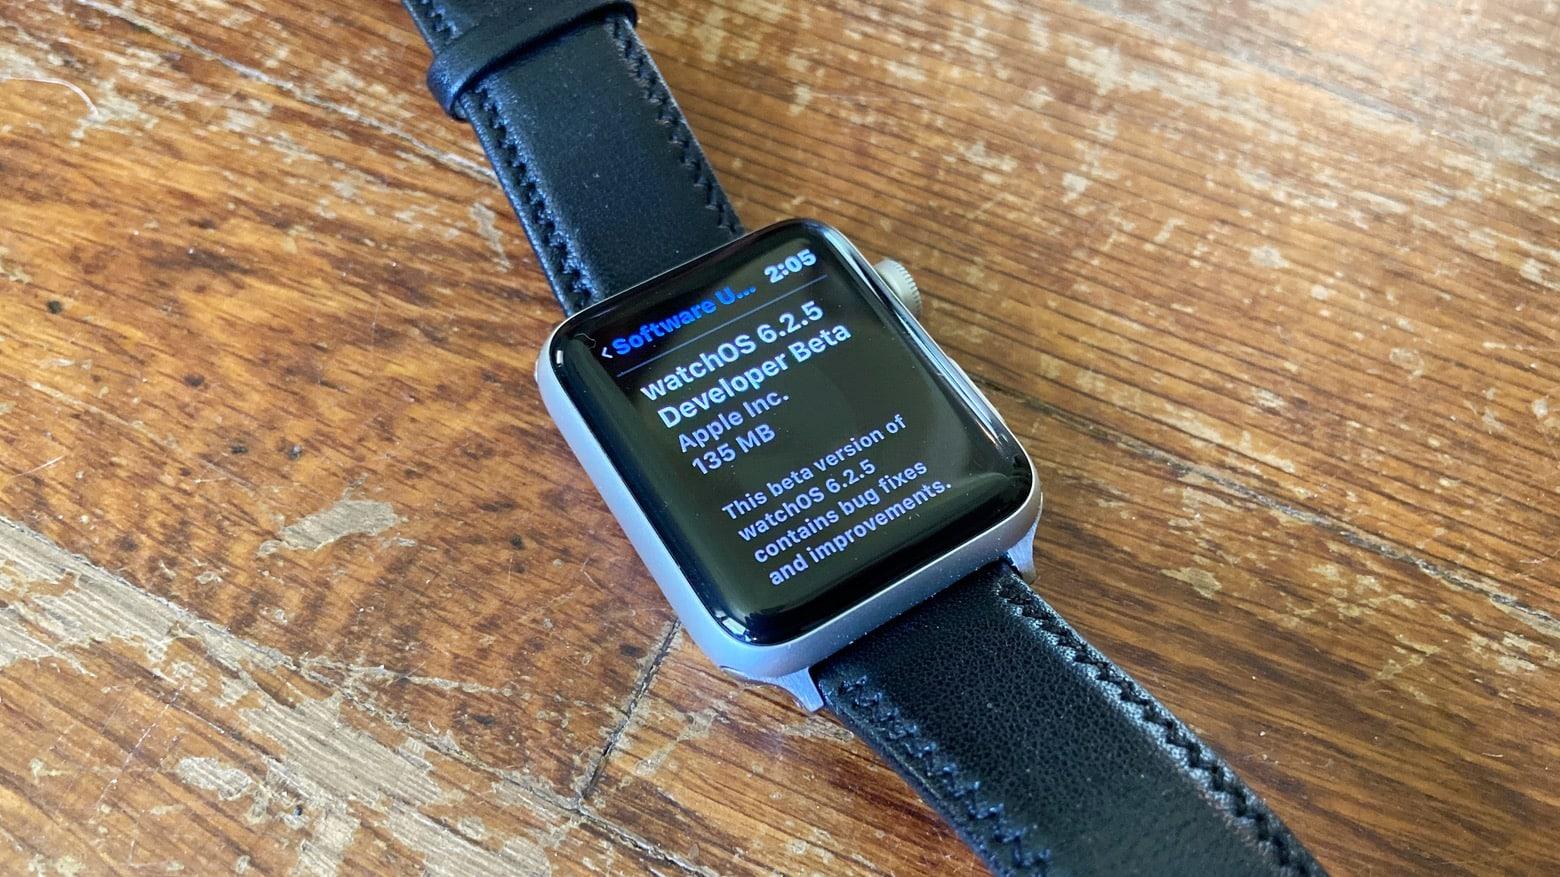 watchOS 6.2.5 beta 1